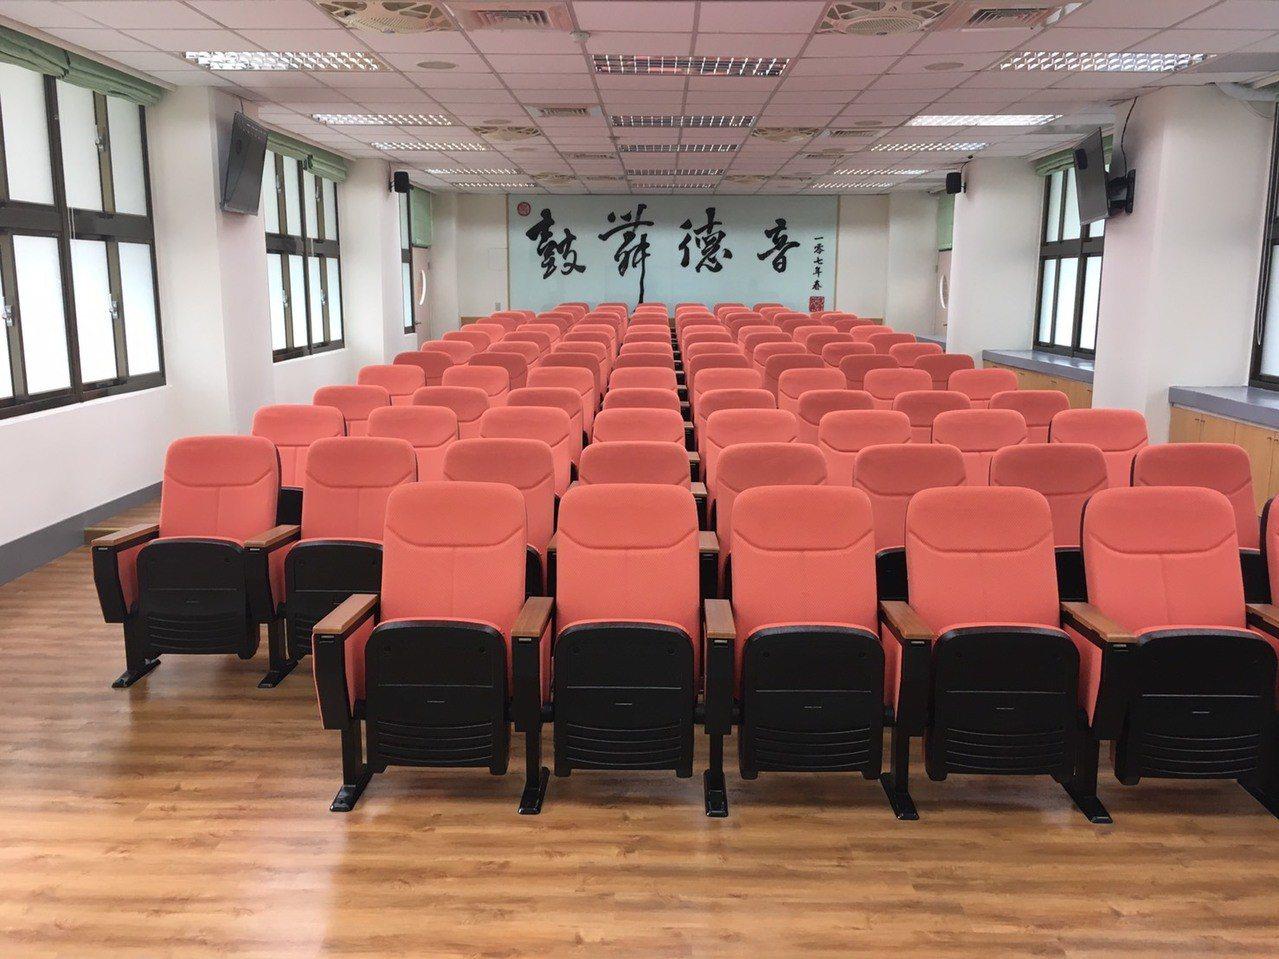 德音國小視聽教室已被改造成階梯型設計。圖/市議員蔡淑君提供